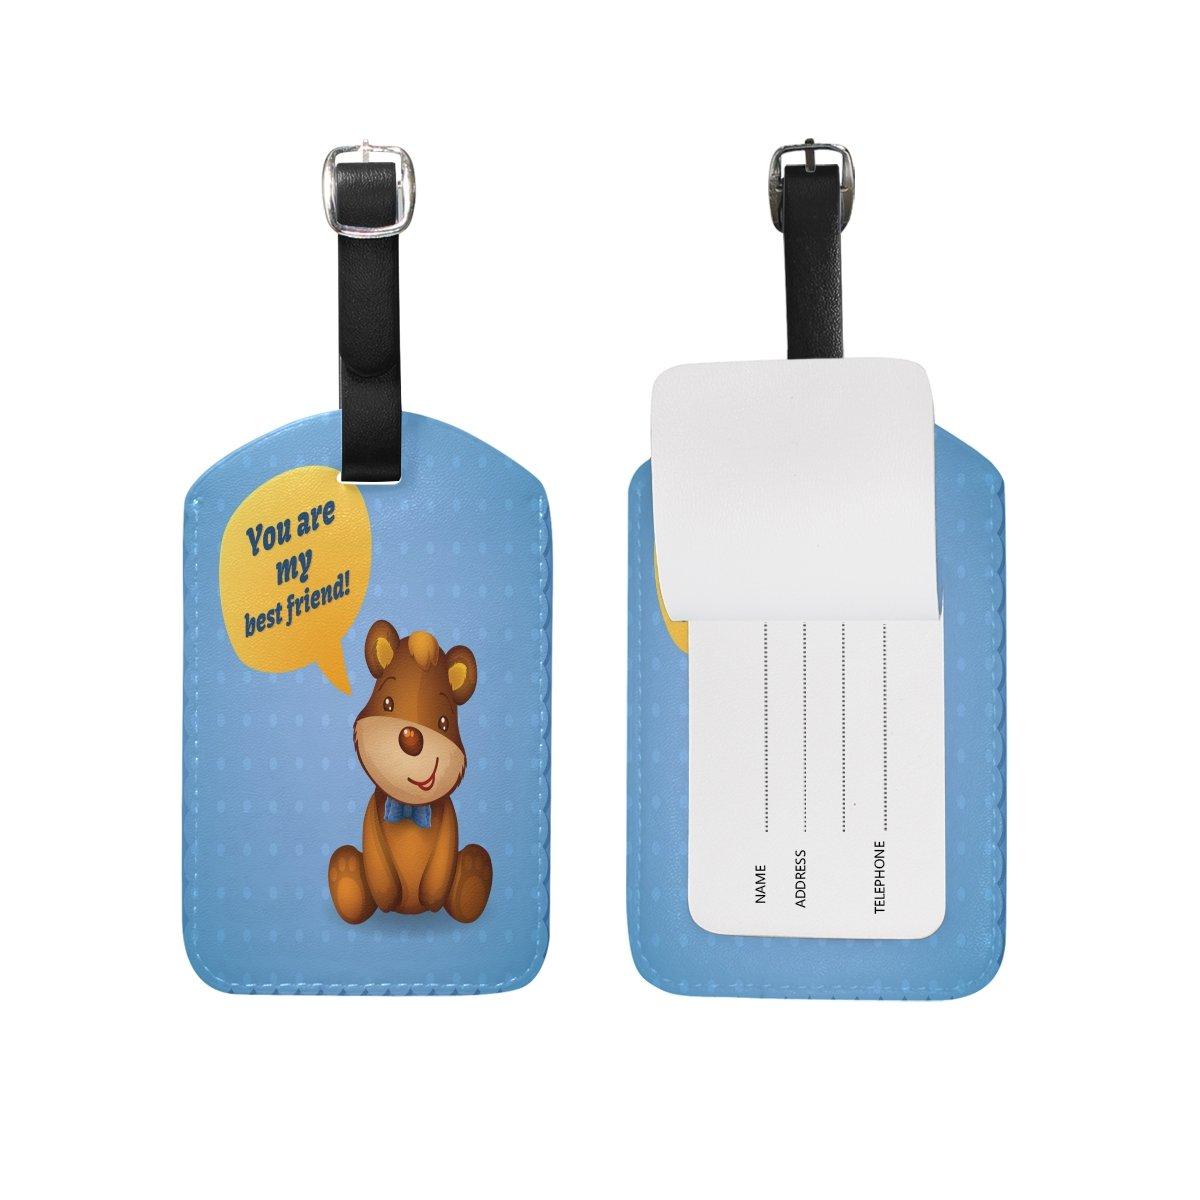 Saobao Travel Luggage Tag Teddy Bear PU Leather Baggage Travel ID